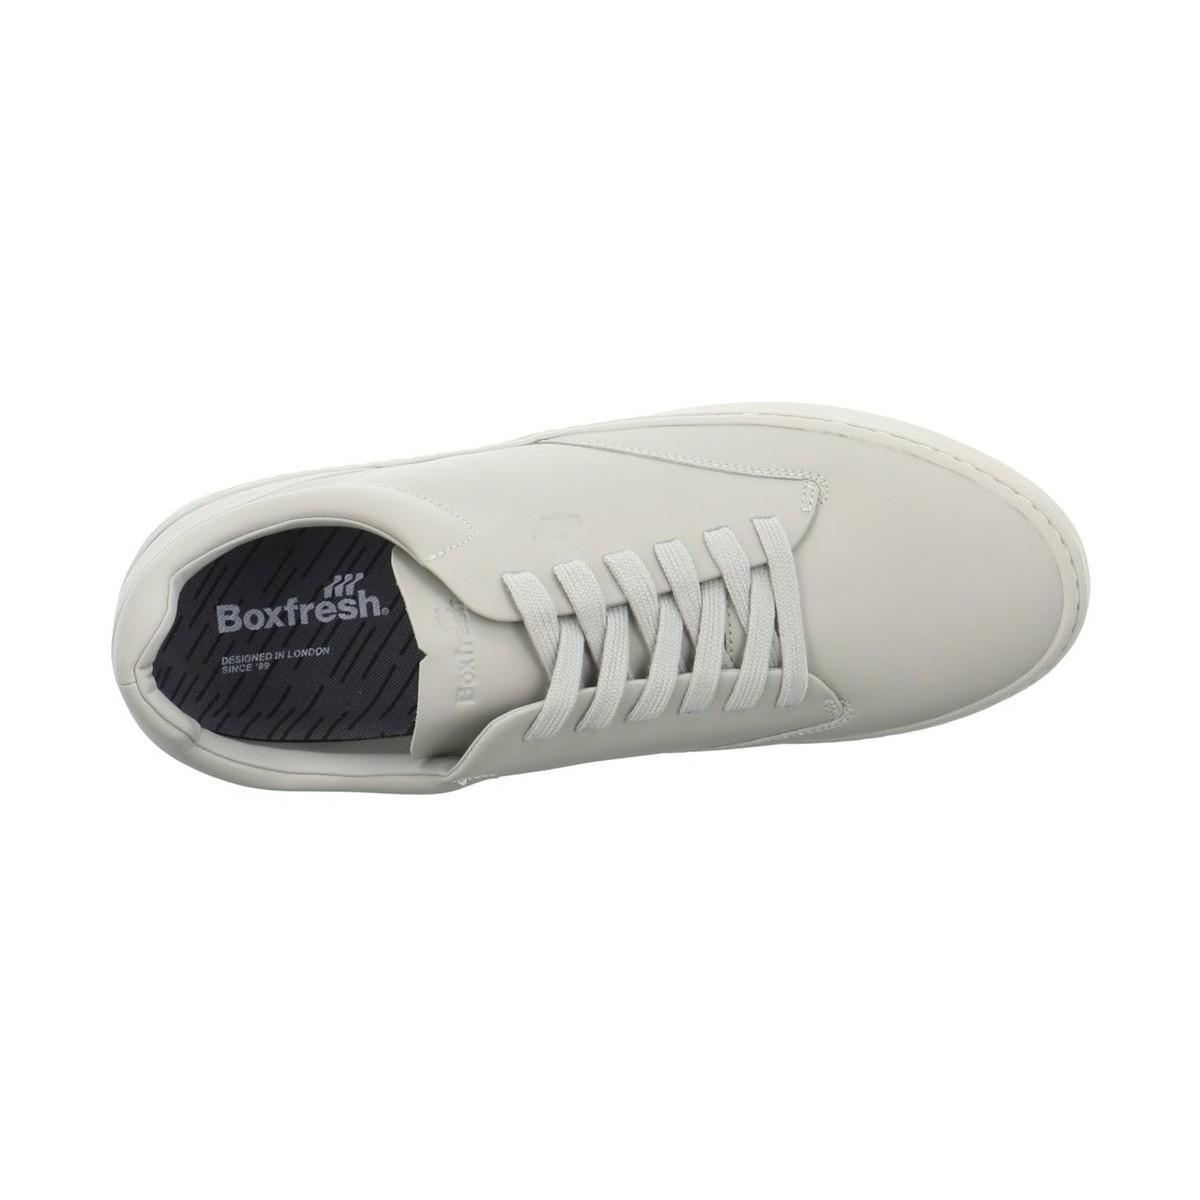 Boxfresh Esb Sh Men's Shoes In Beige in Natural for Men